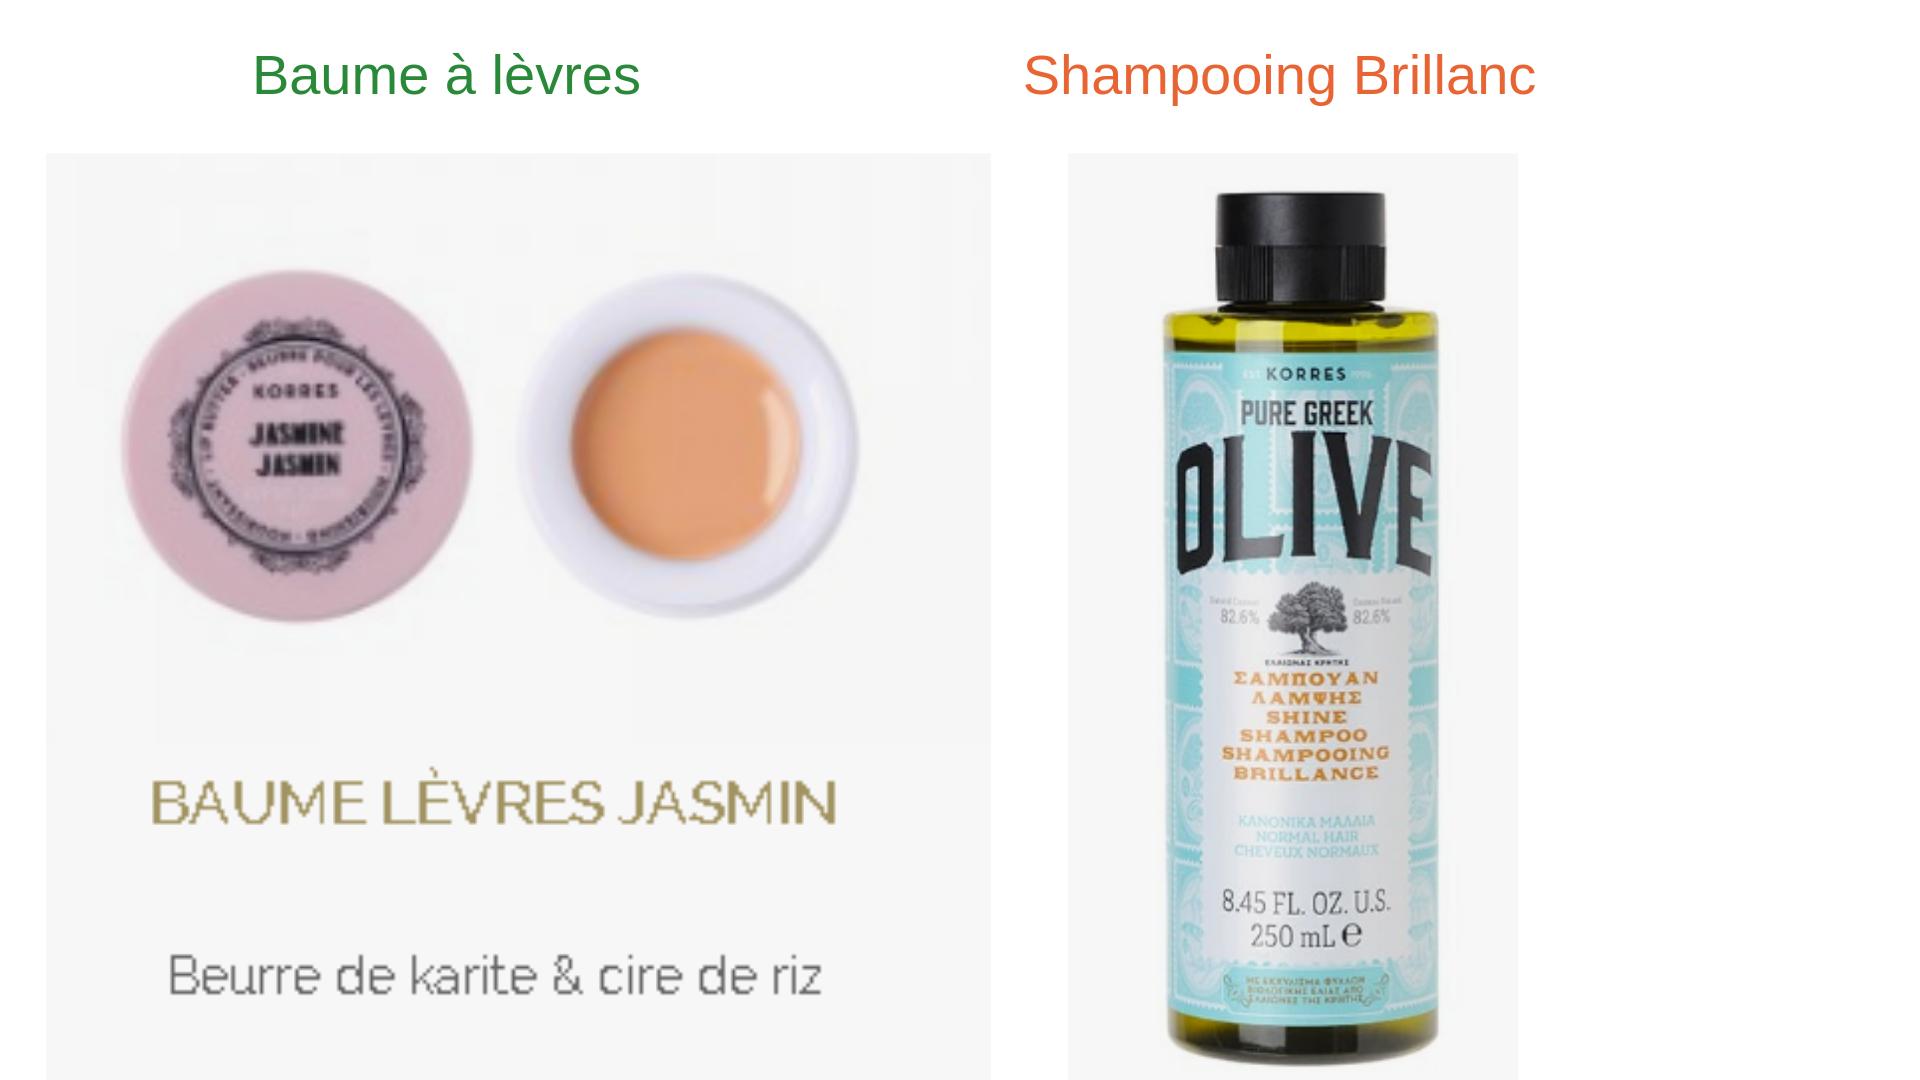 KORRES shampooing et baume a levres